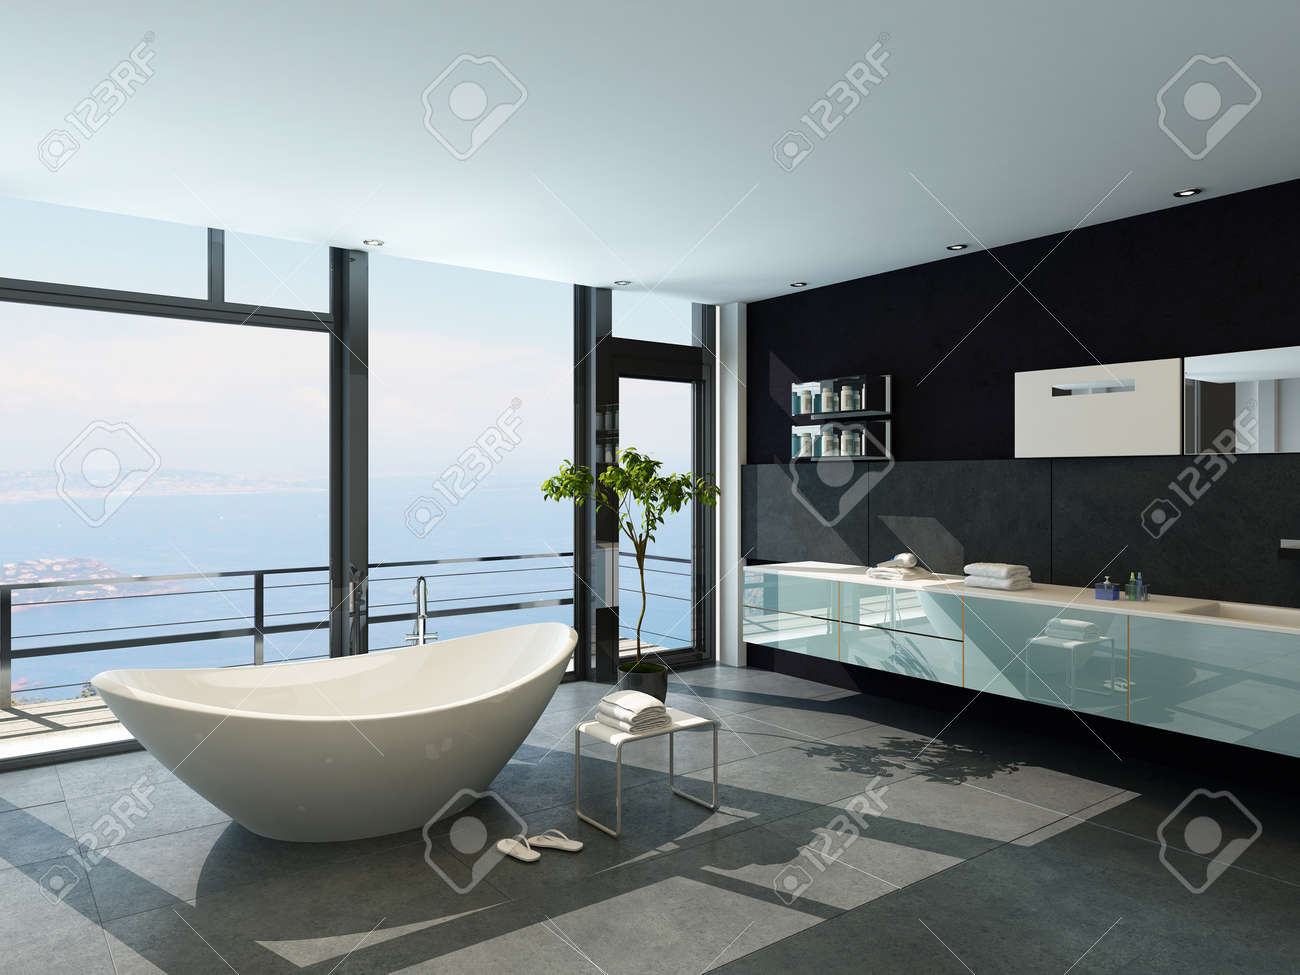 modernissimo design contemporaneo bagno interno con vista sul mare ... - Arredo Bagno Modernissimo